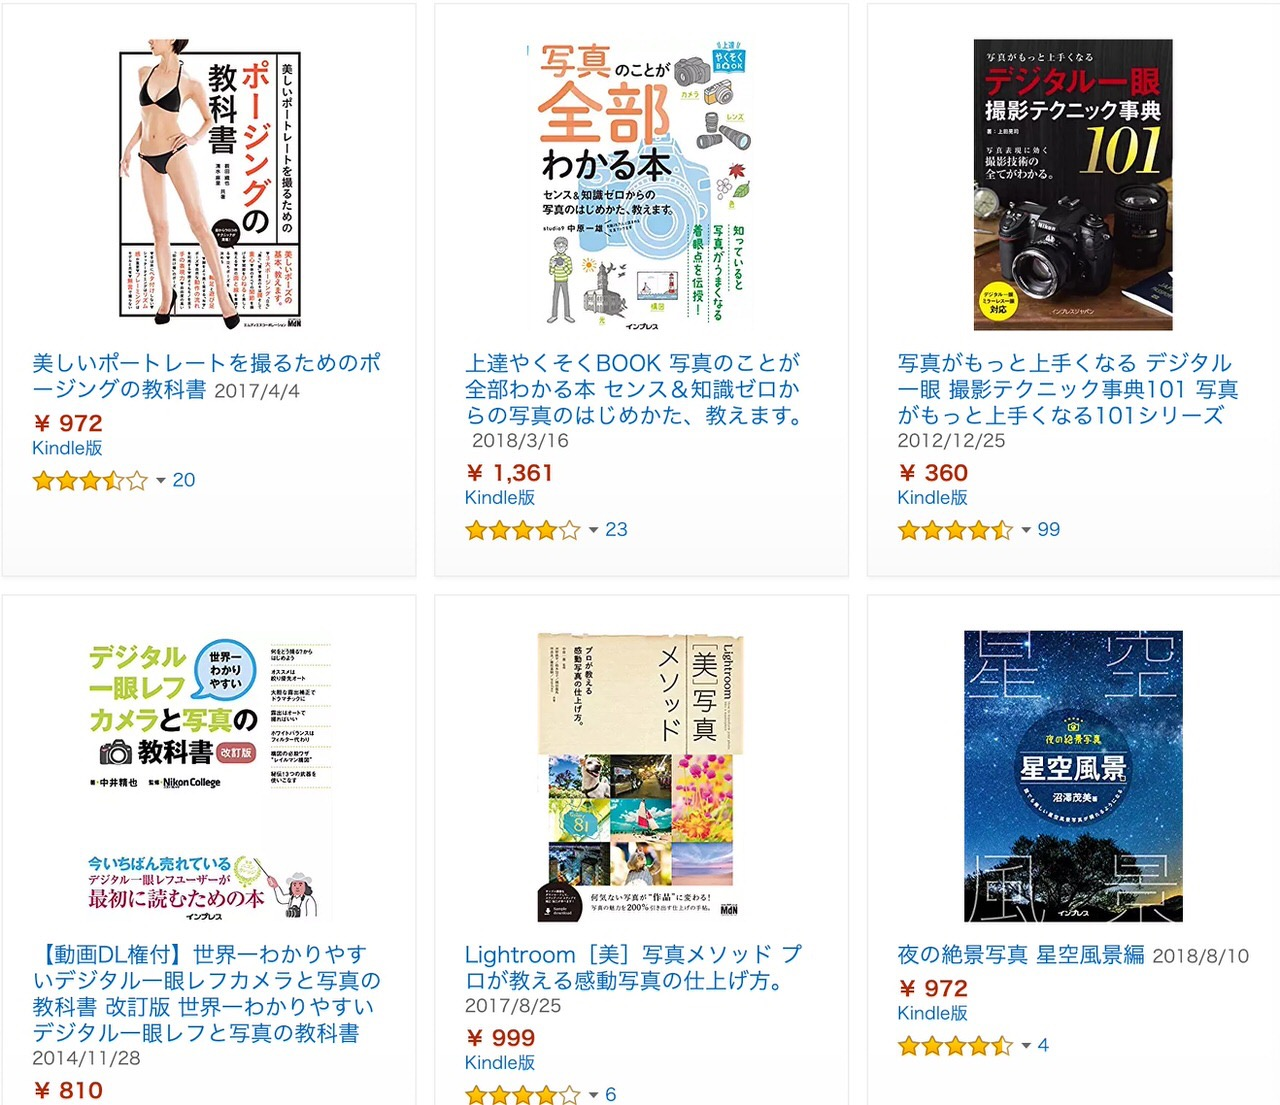 【Kindleセール】50%OFF「カメラ・写真本セール」(12/20まで)